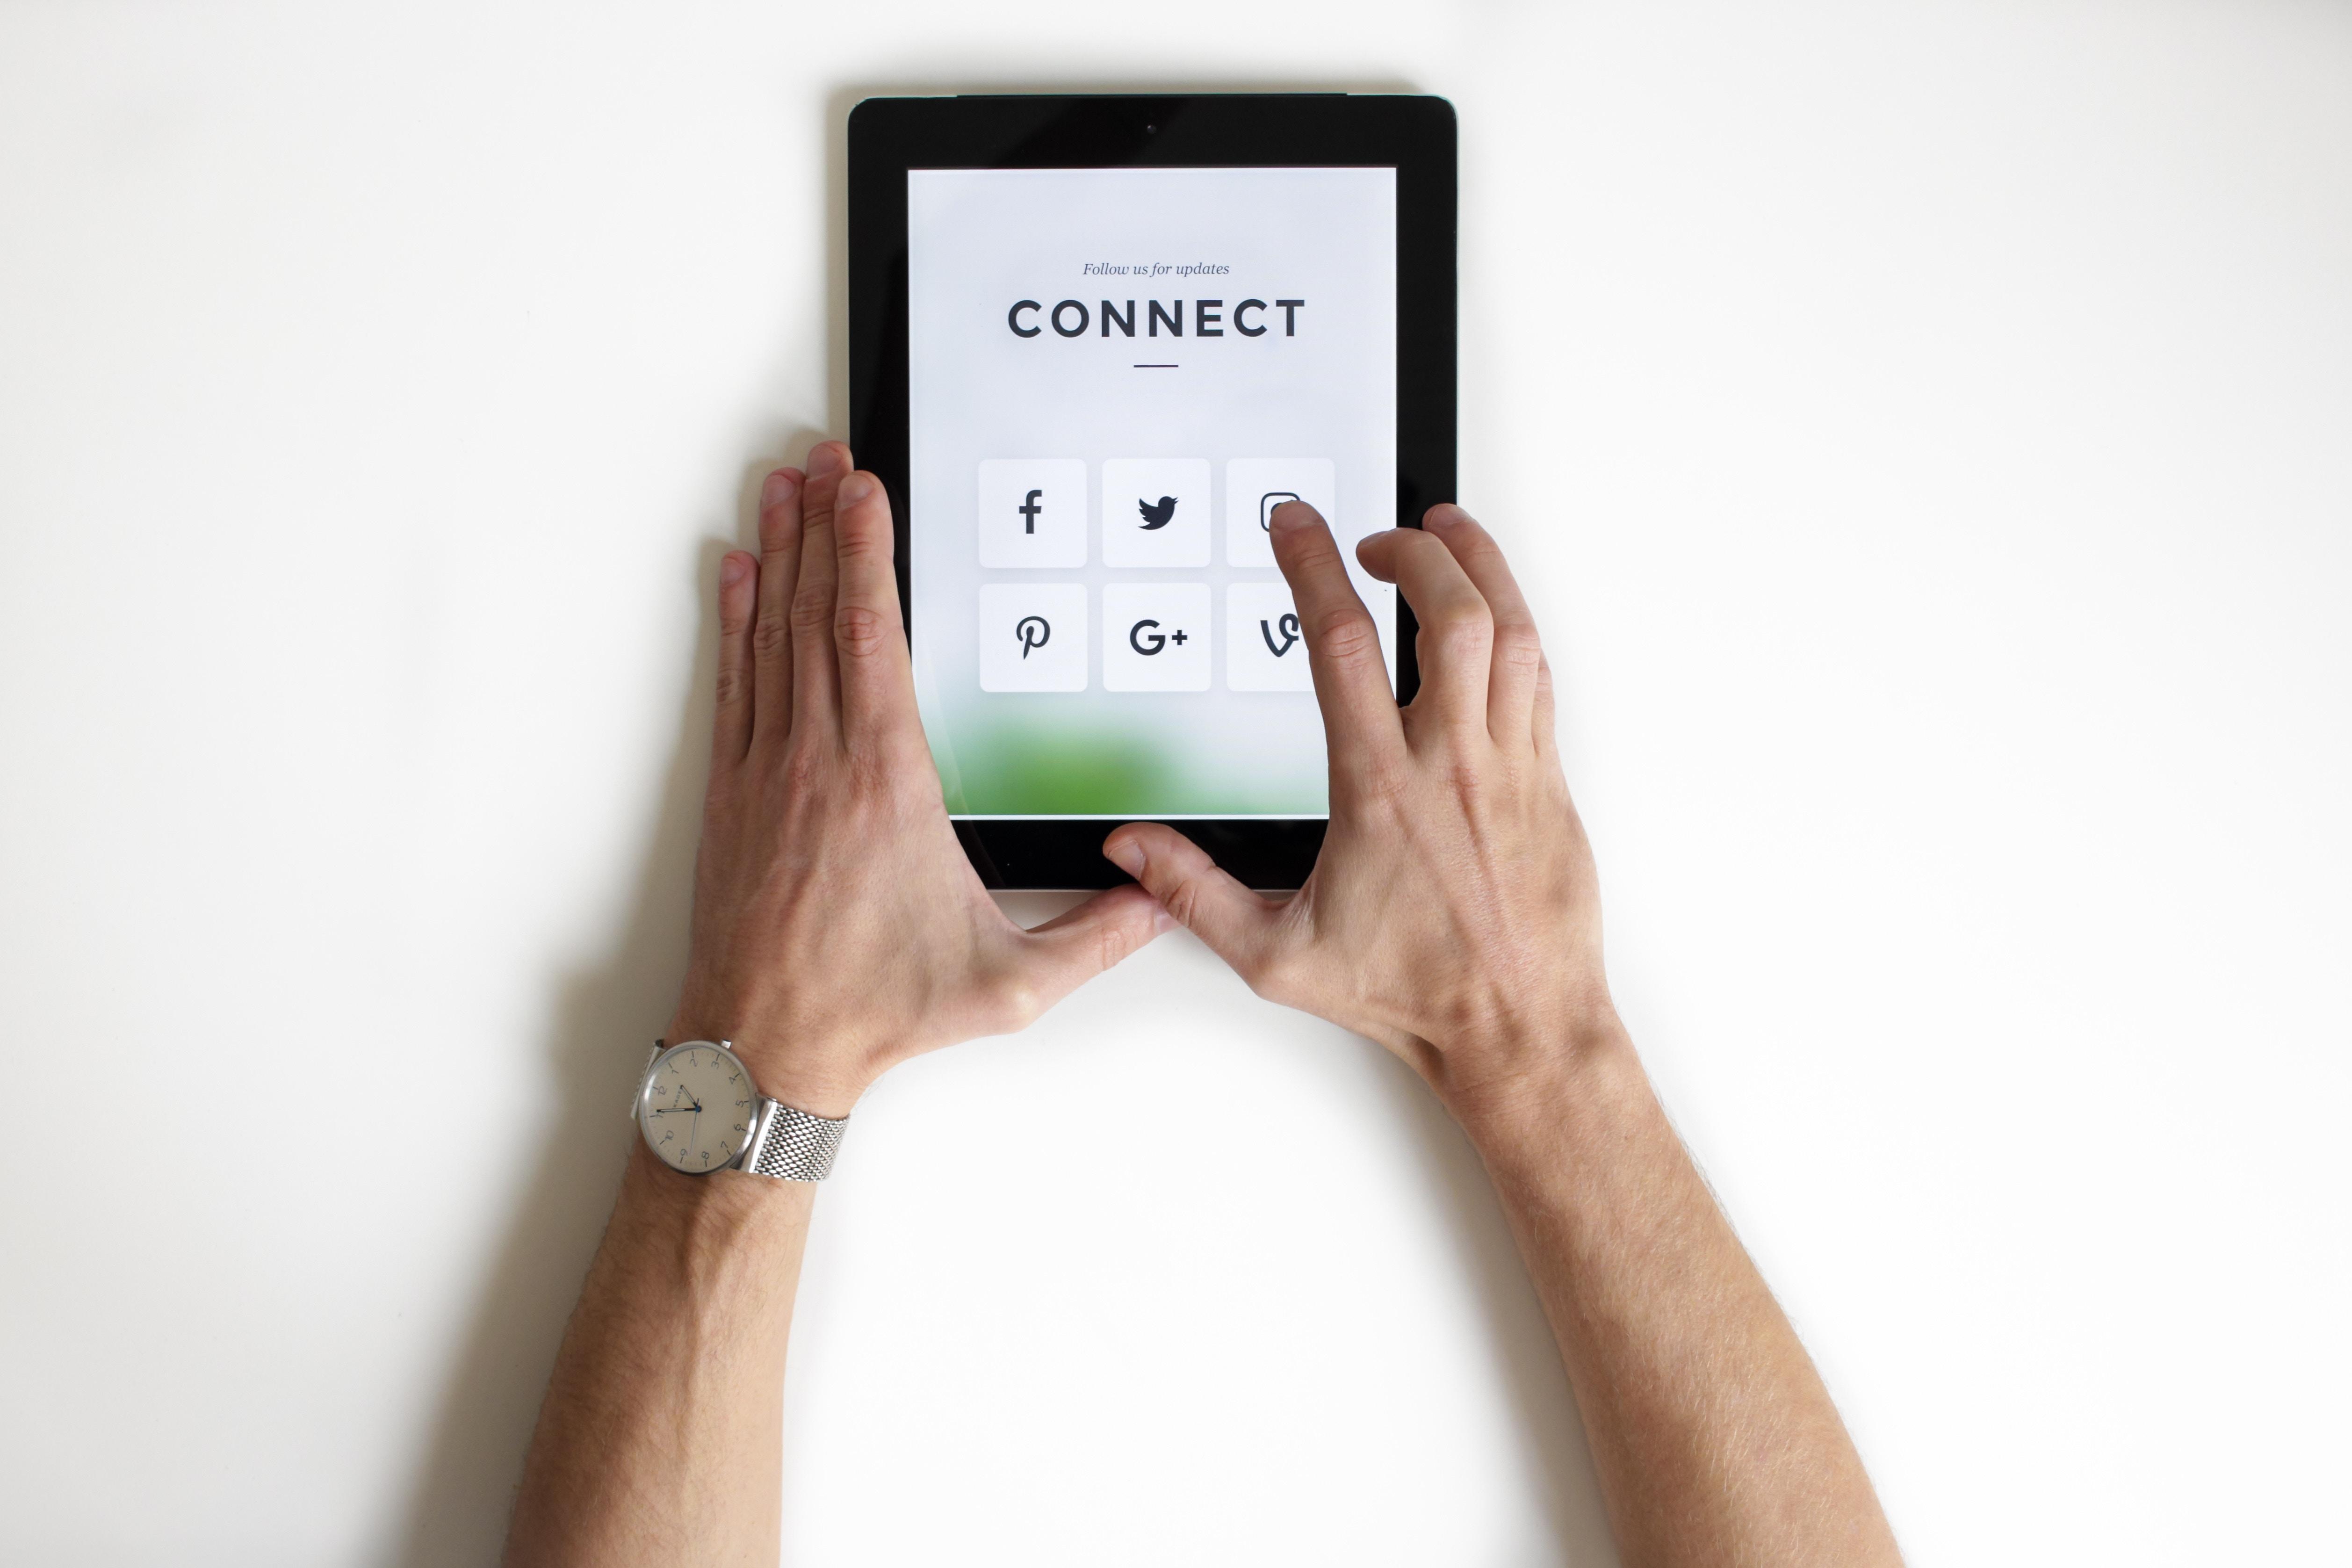 איך נצליח להגן על הפרופיל שלנו ברשתות החברתיות?